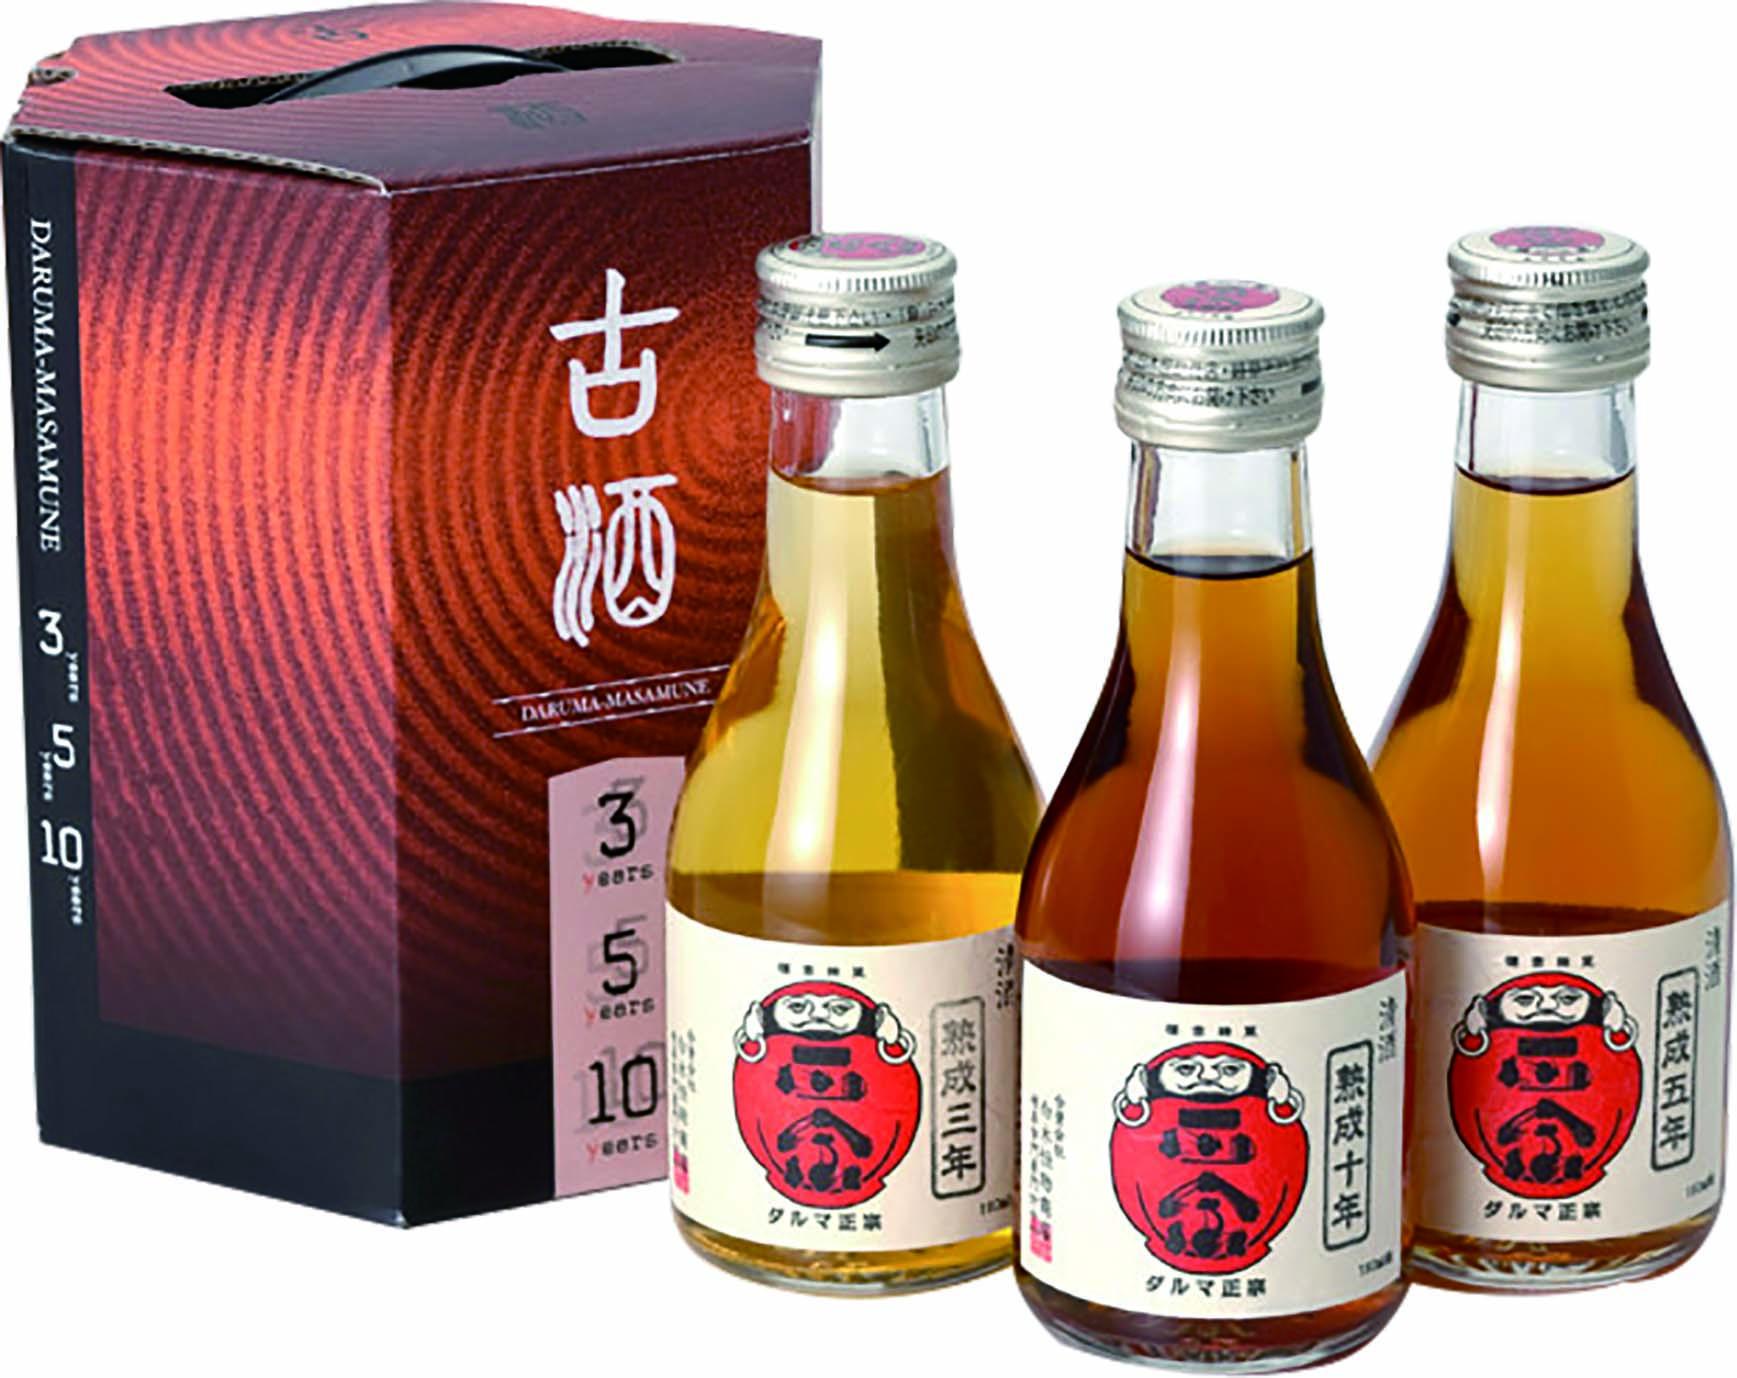 達磨正宗 飲みくらべ風セット 日本酒・熟成古酒